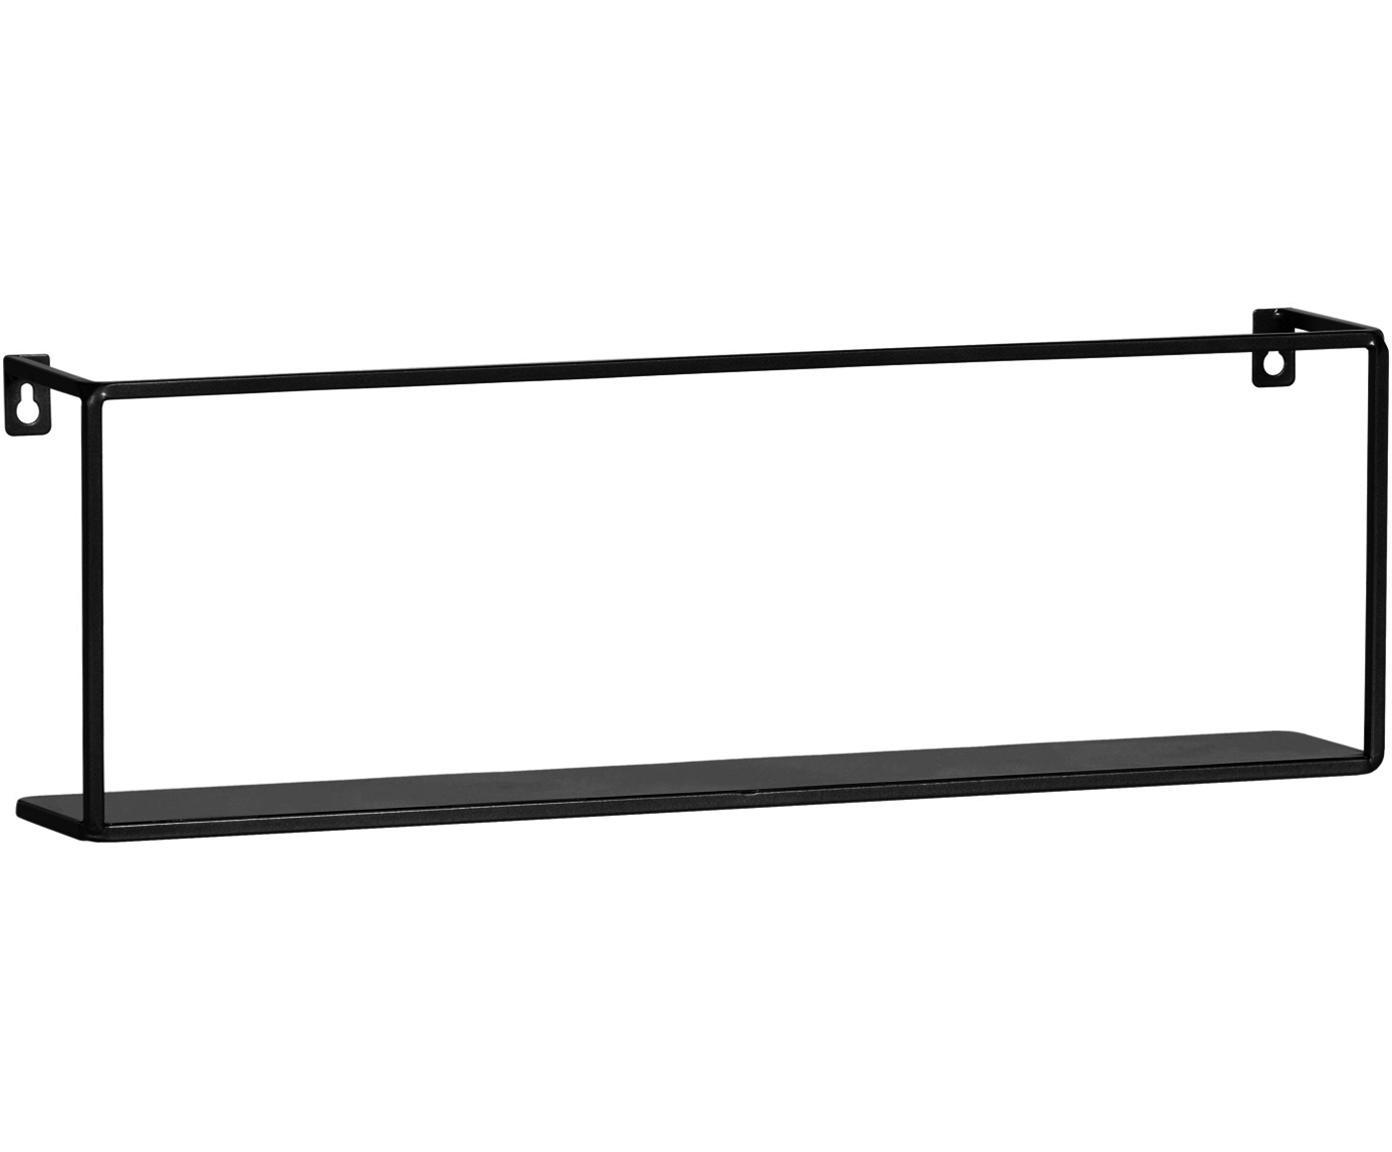 Mensola in metallo nero Meert, Metallo rivestito, Nero, Larg. 50 x Alt. 16 cm